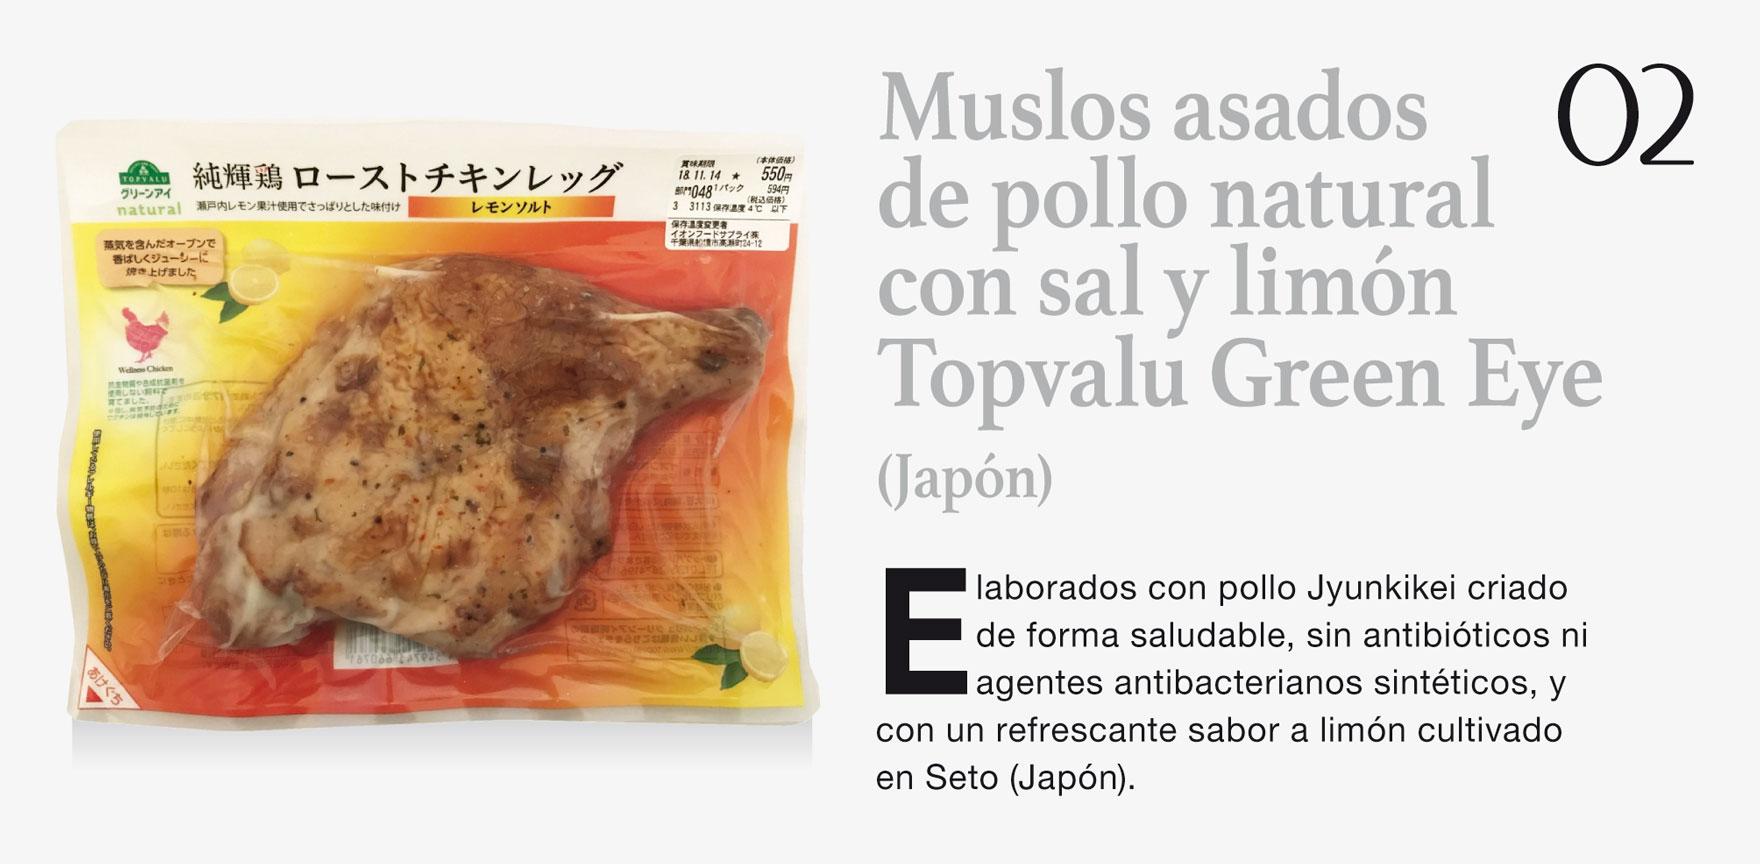 Muslos asados de pollo natural con sal y limón Topvalu Green Eye  (Japón)